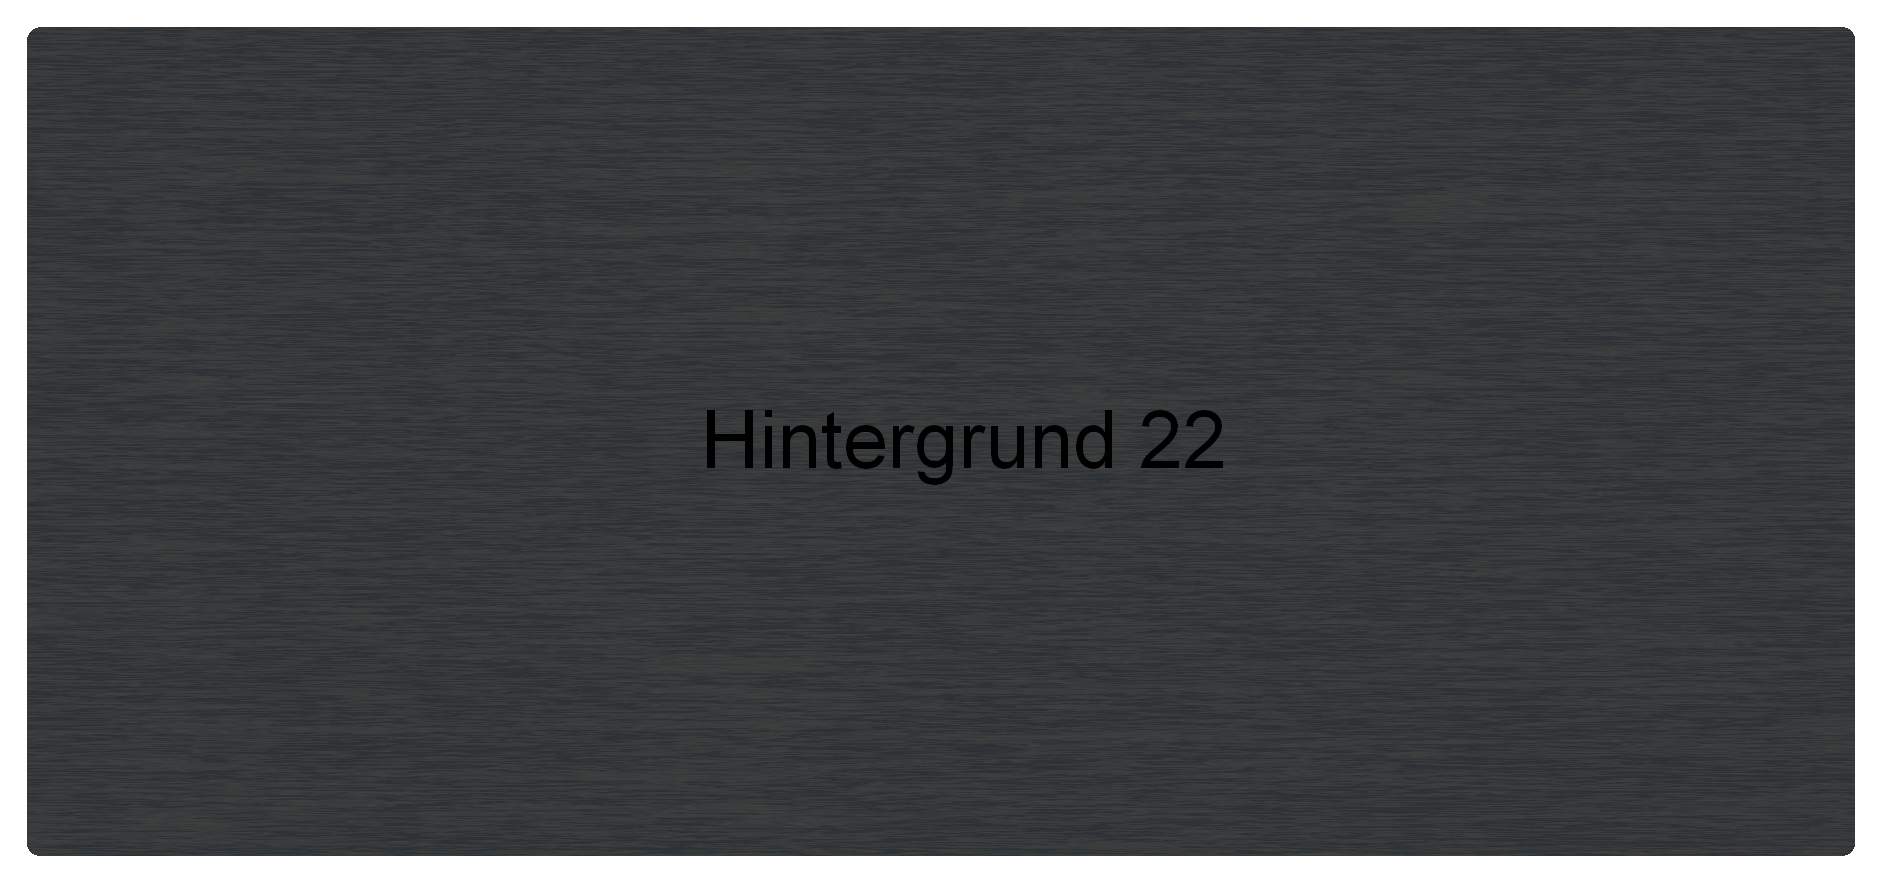 Hintergrund 22